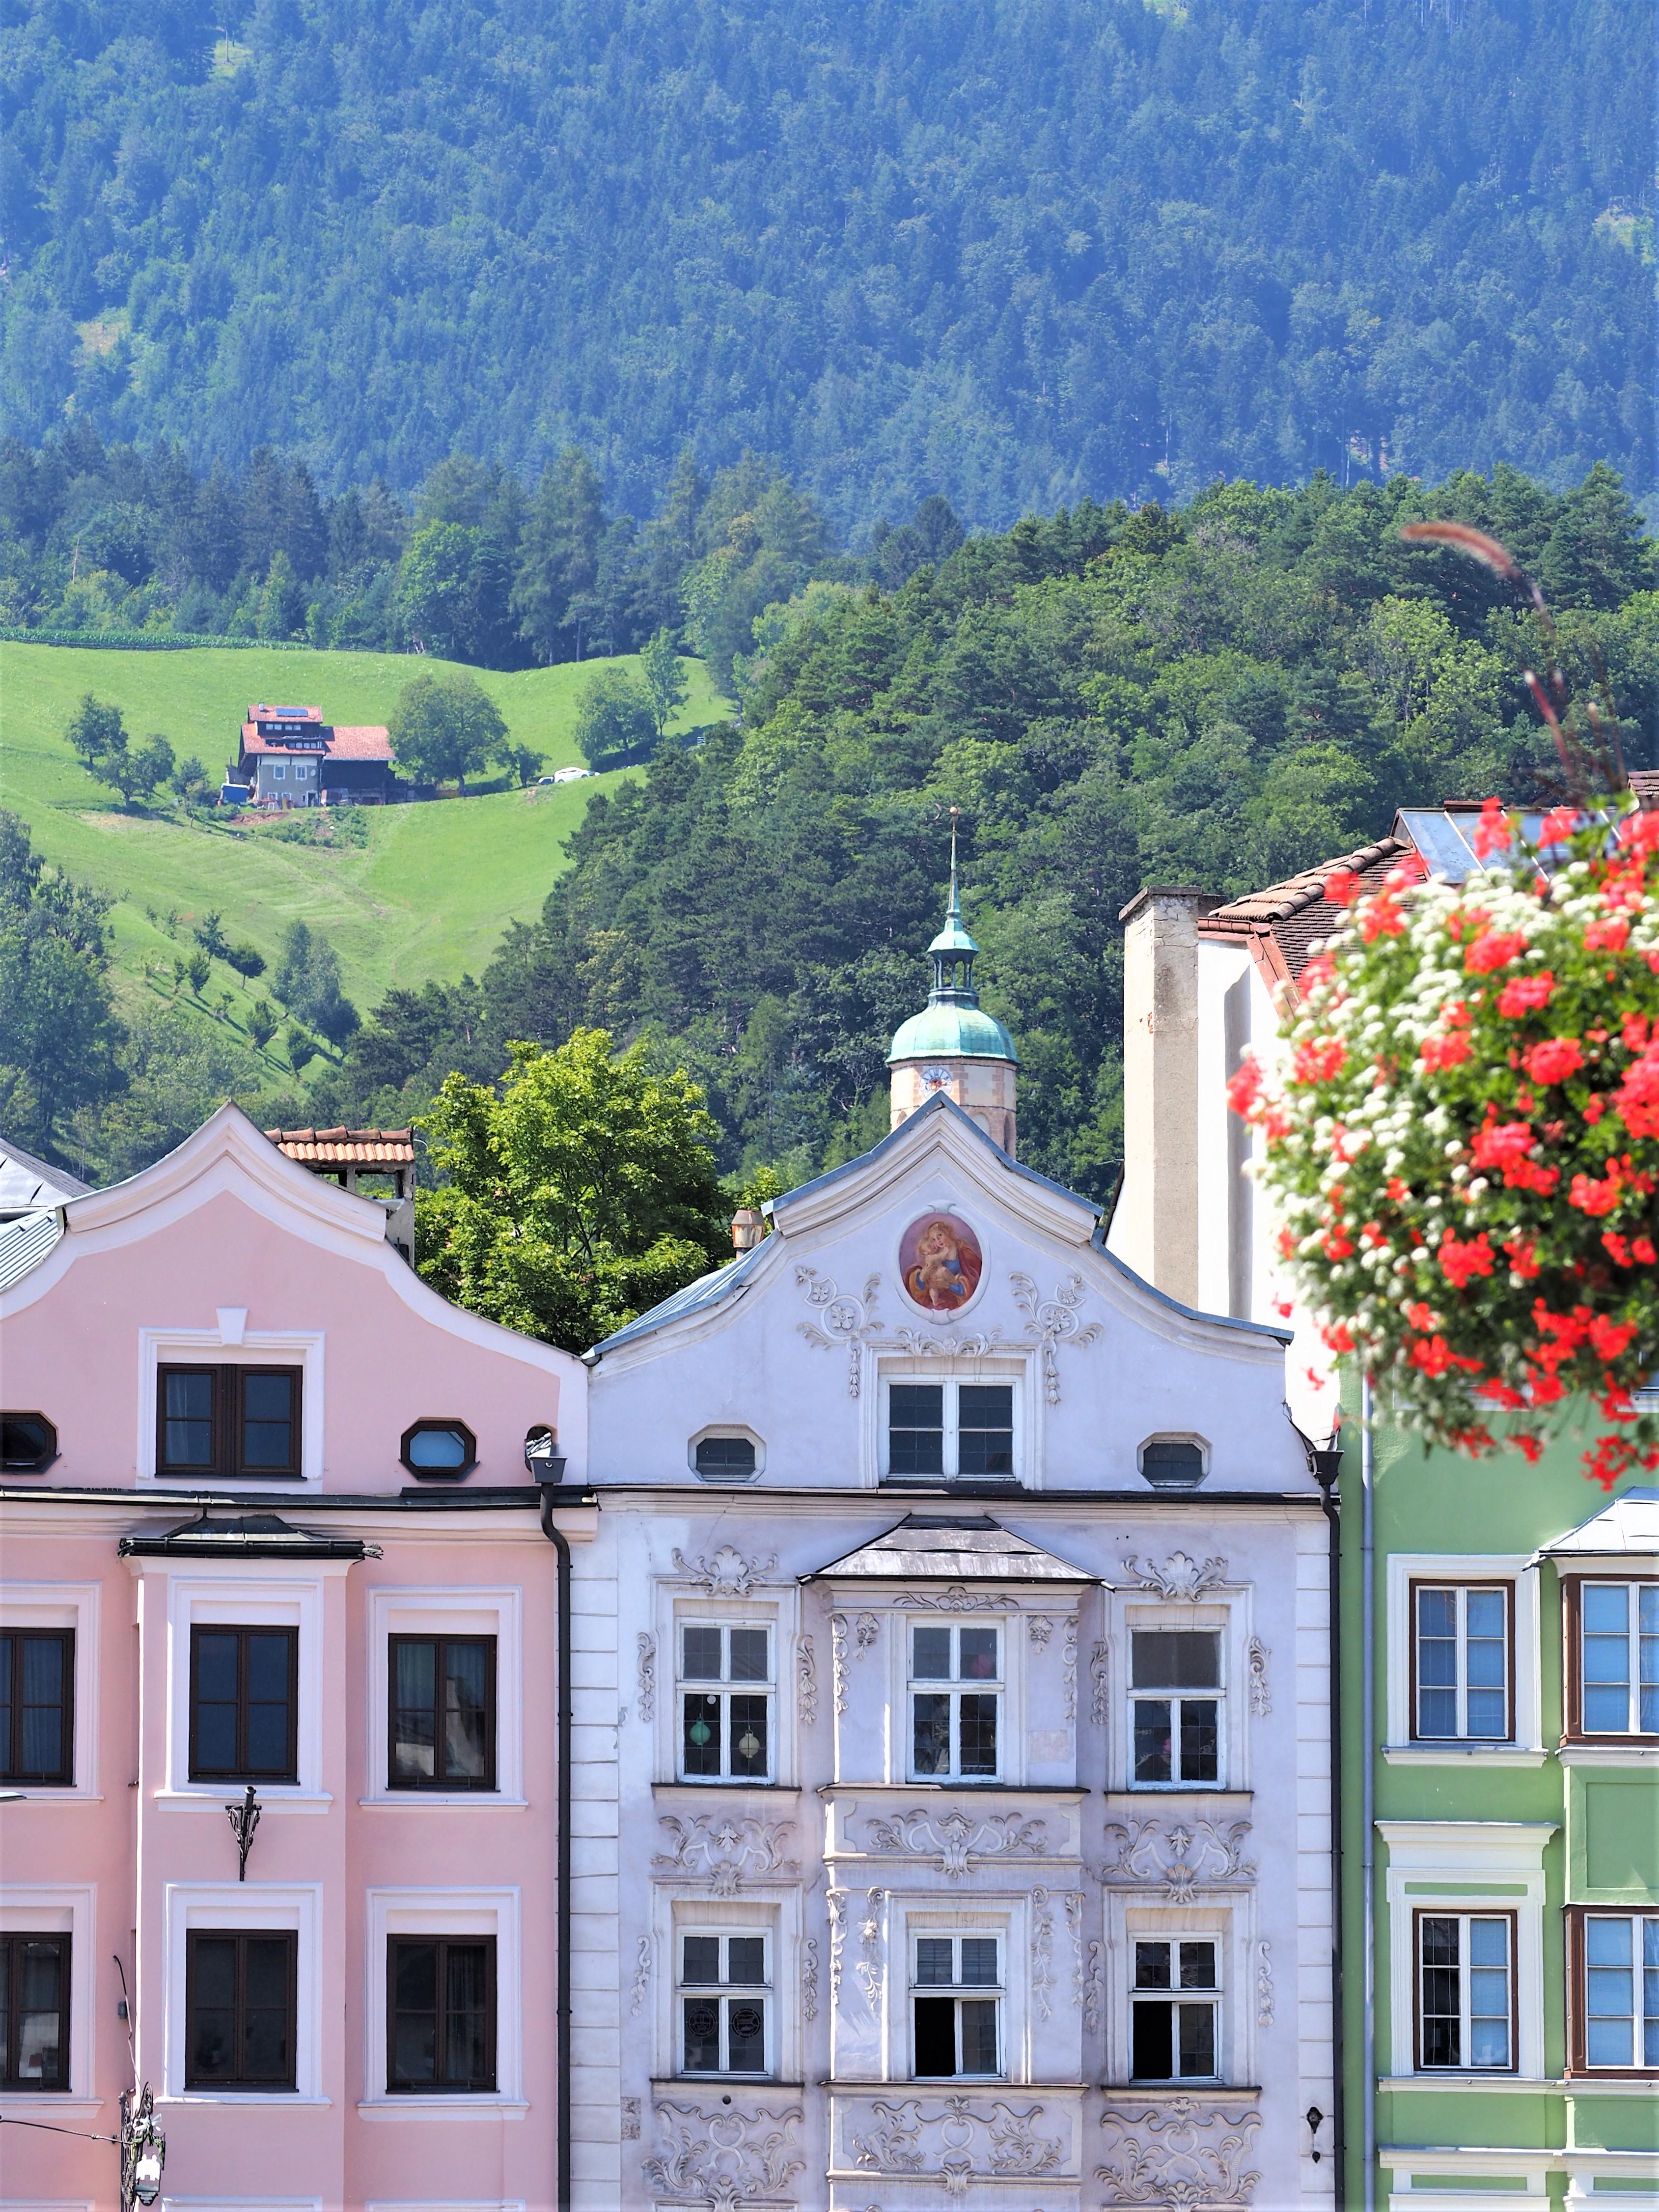 Innsbruck maisons colorées ruelles